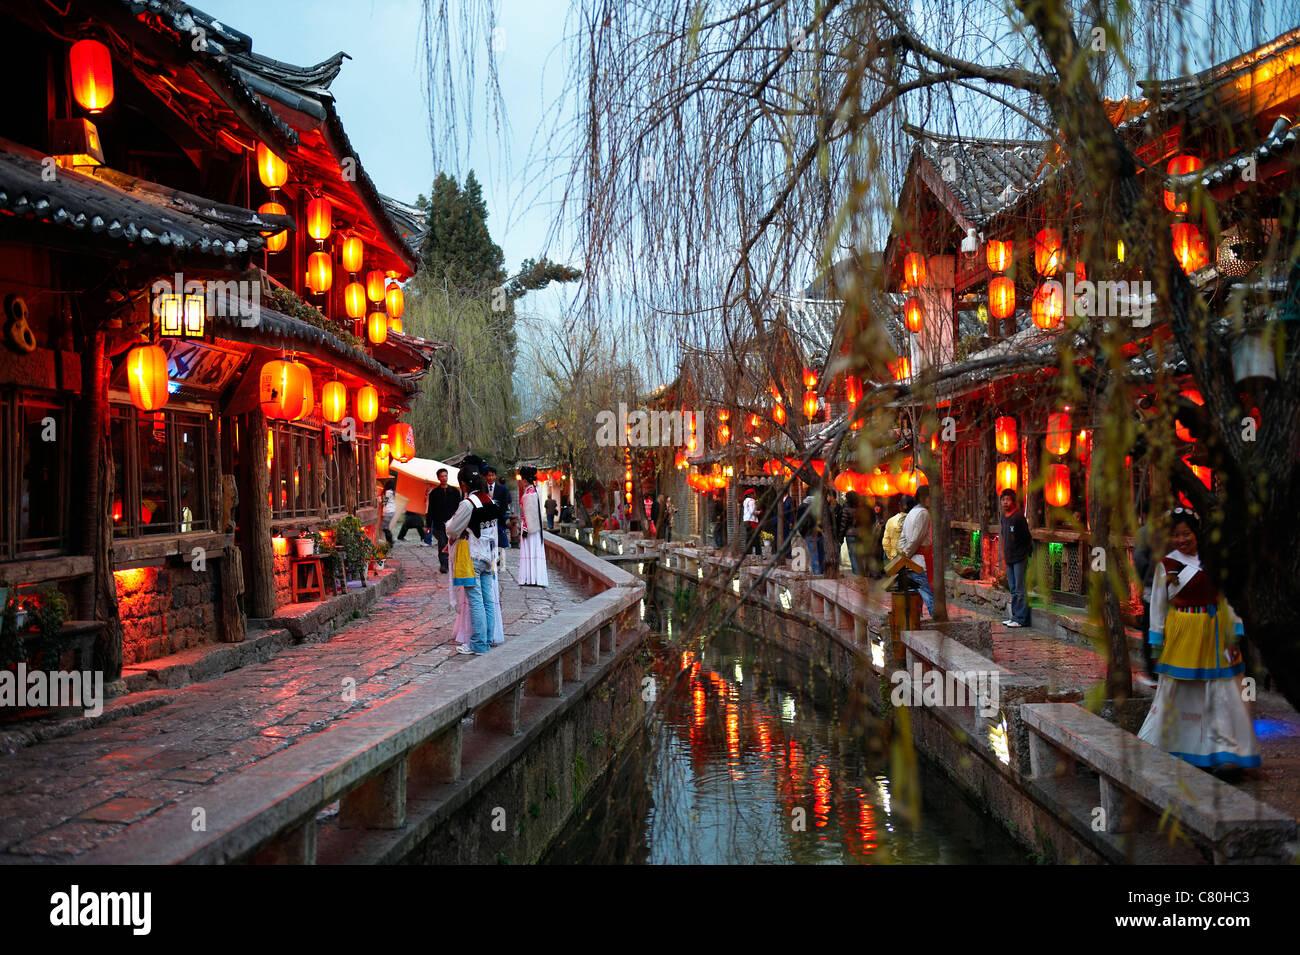 China, Yunnan, Lijiang, the old town at dusk - Stock Image